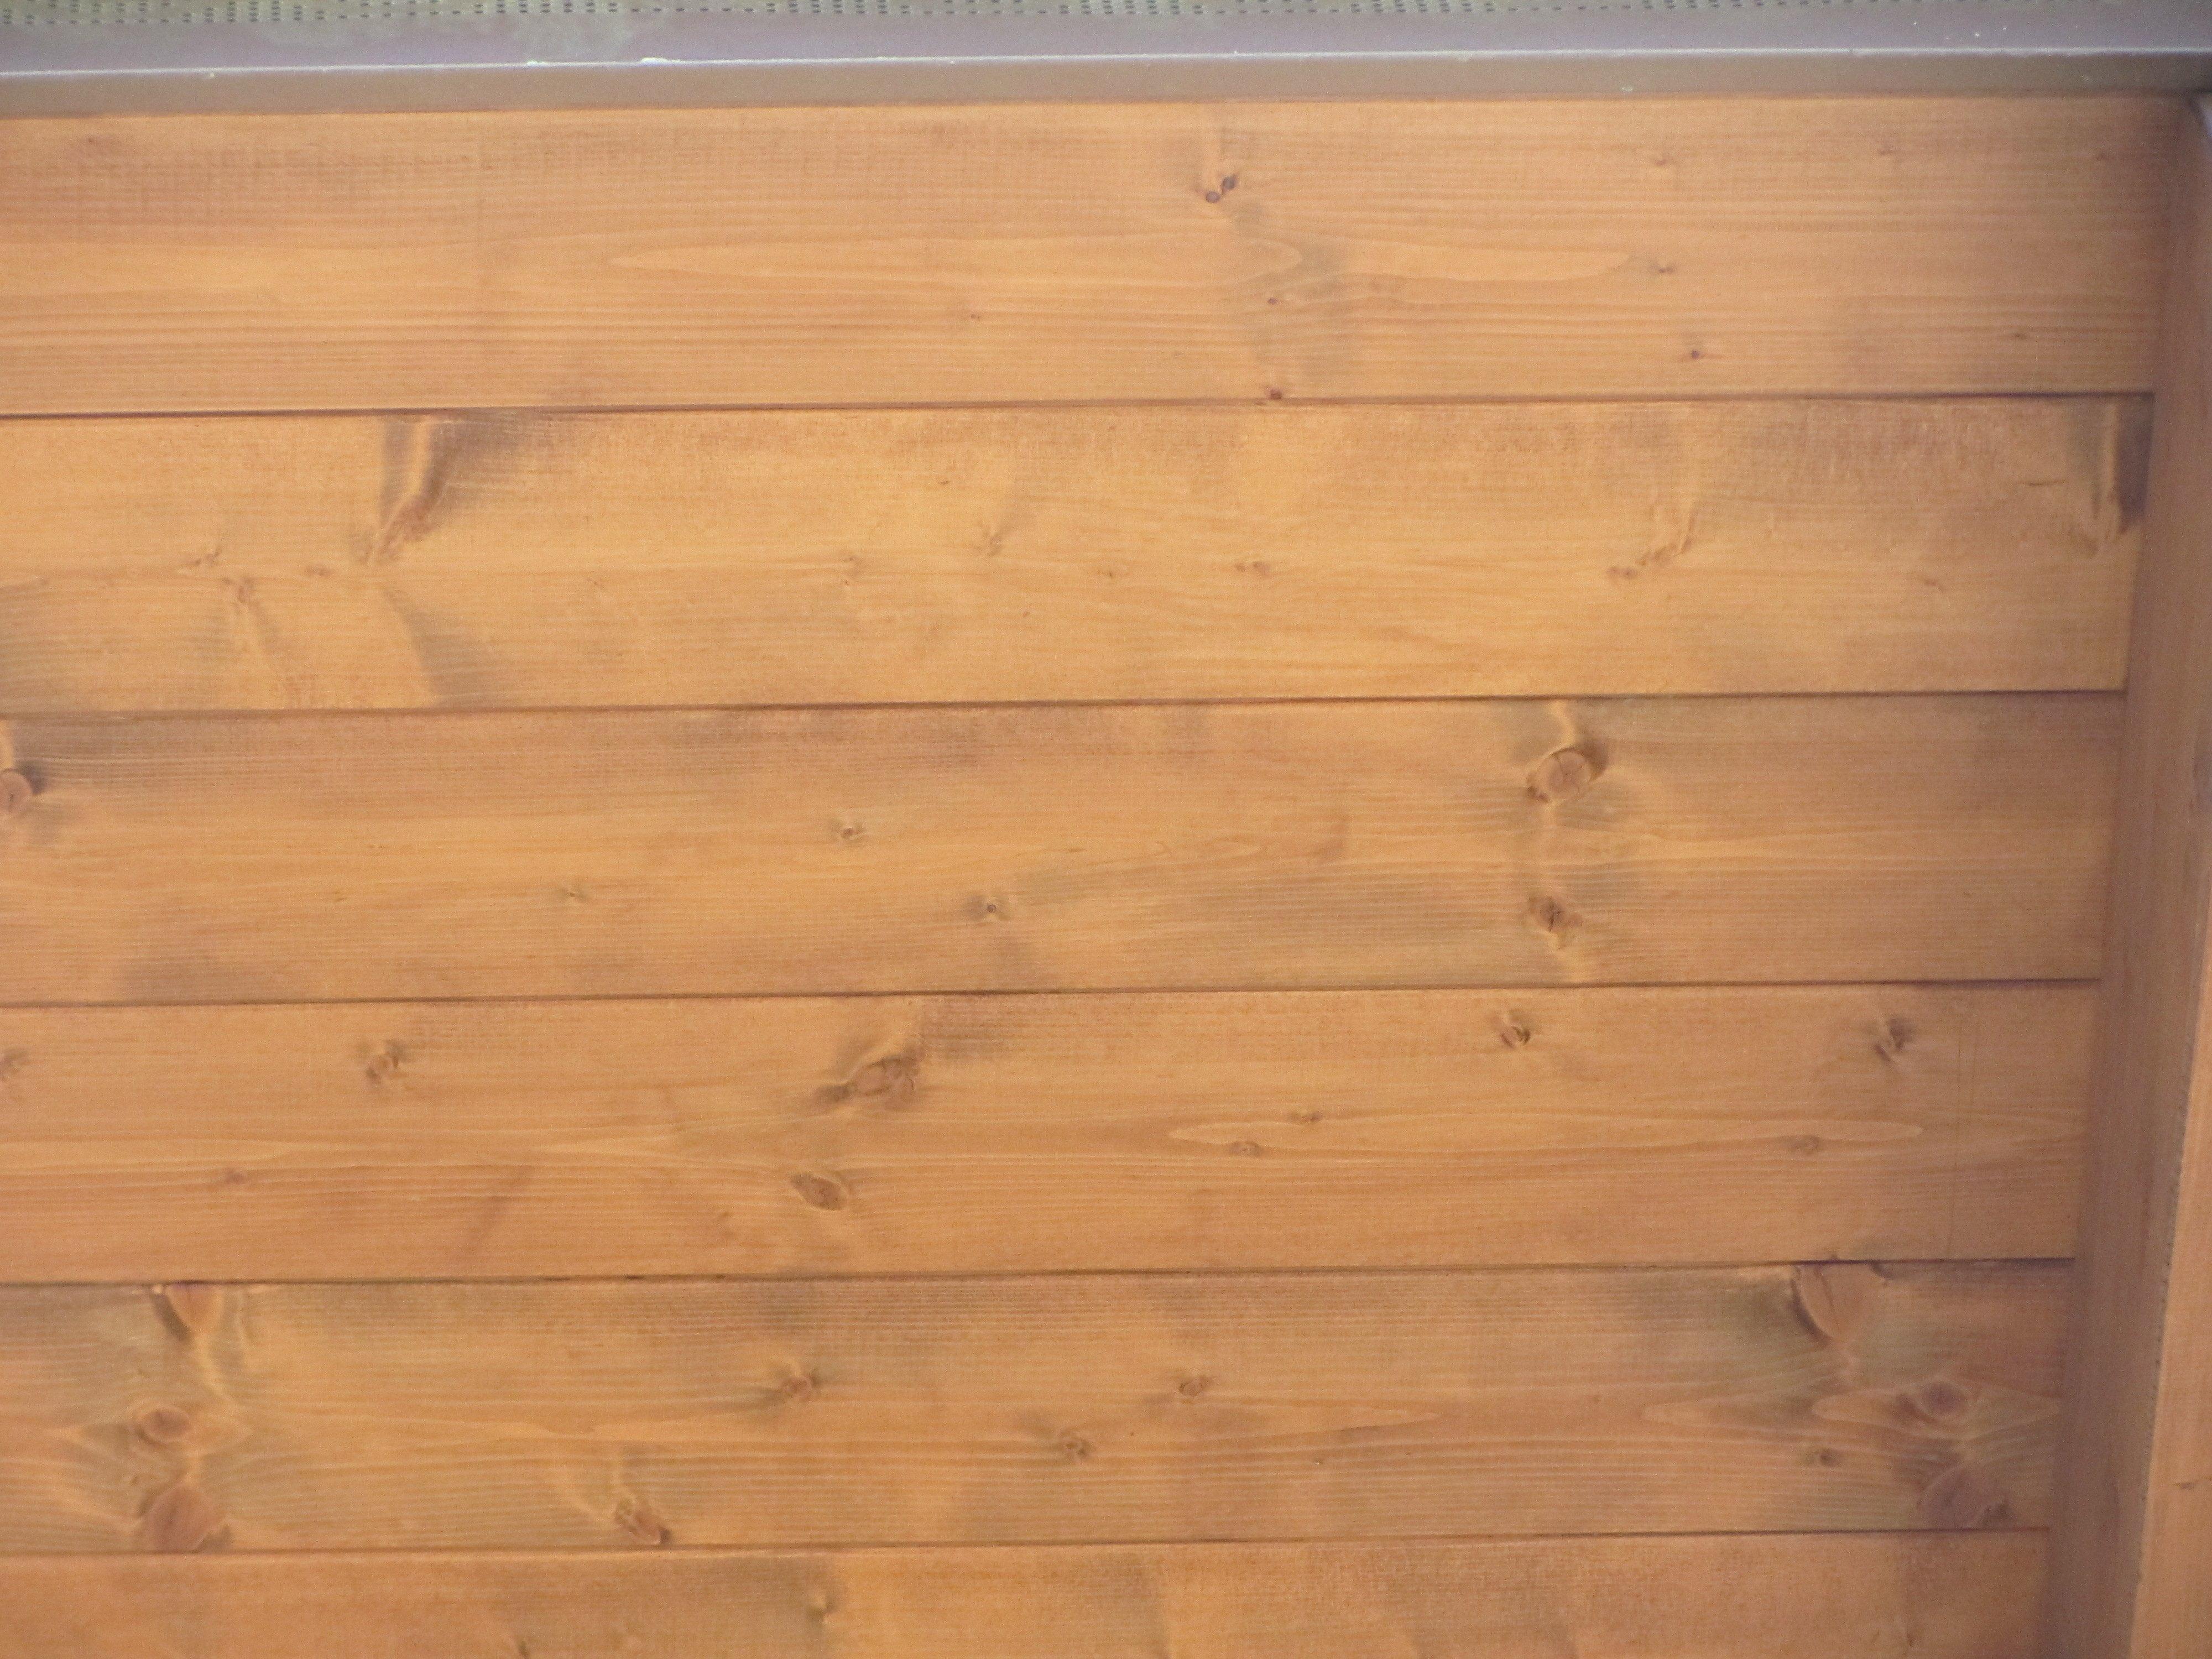 Soluzioni salvaspazio cucina - Rivestimento pareti interne in legno ...